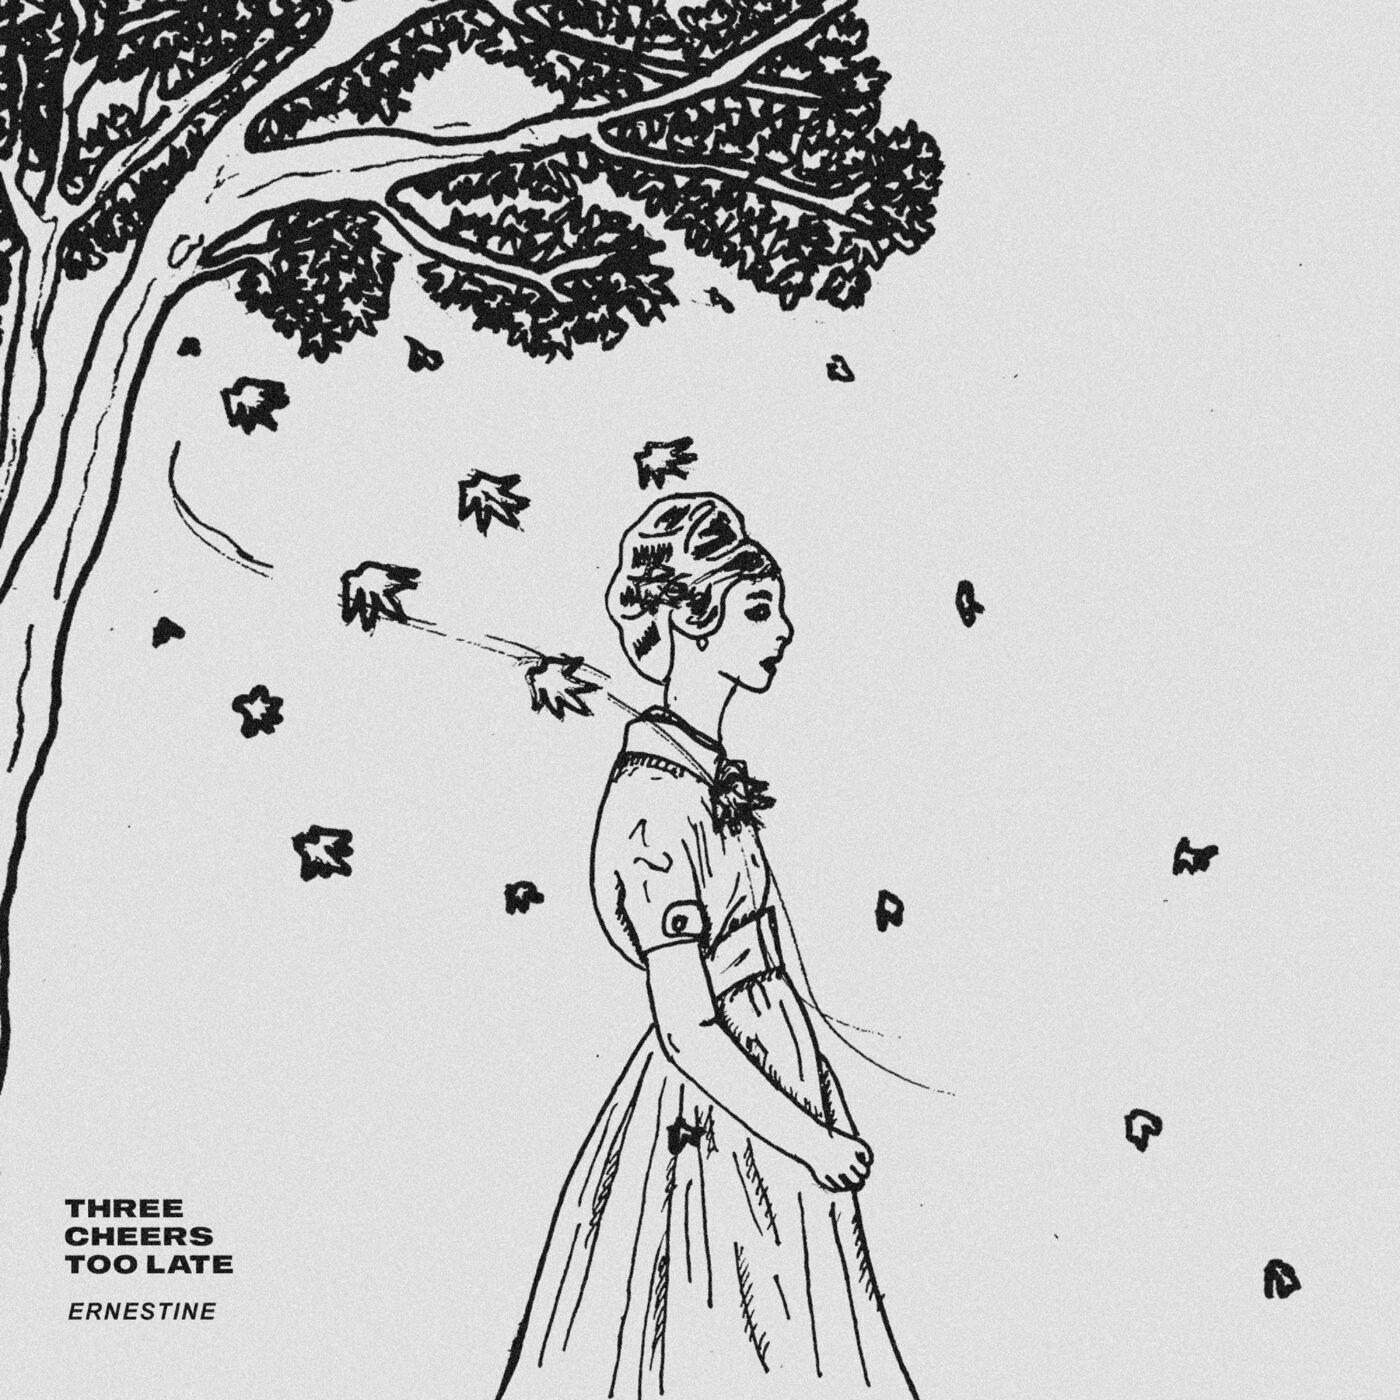 Three Cheers Too Late - Ernestine [EP] (2020)